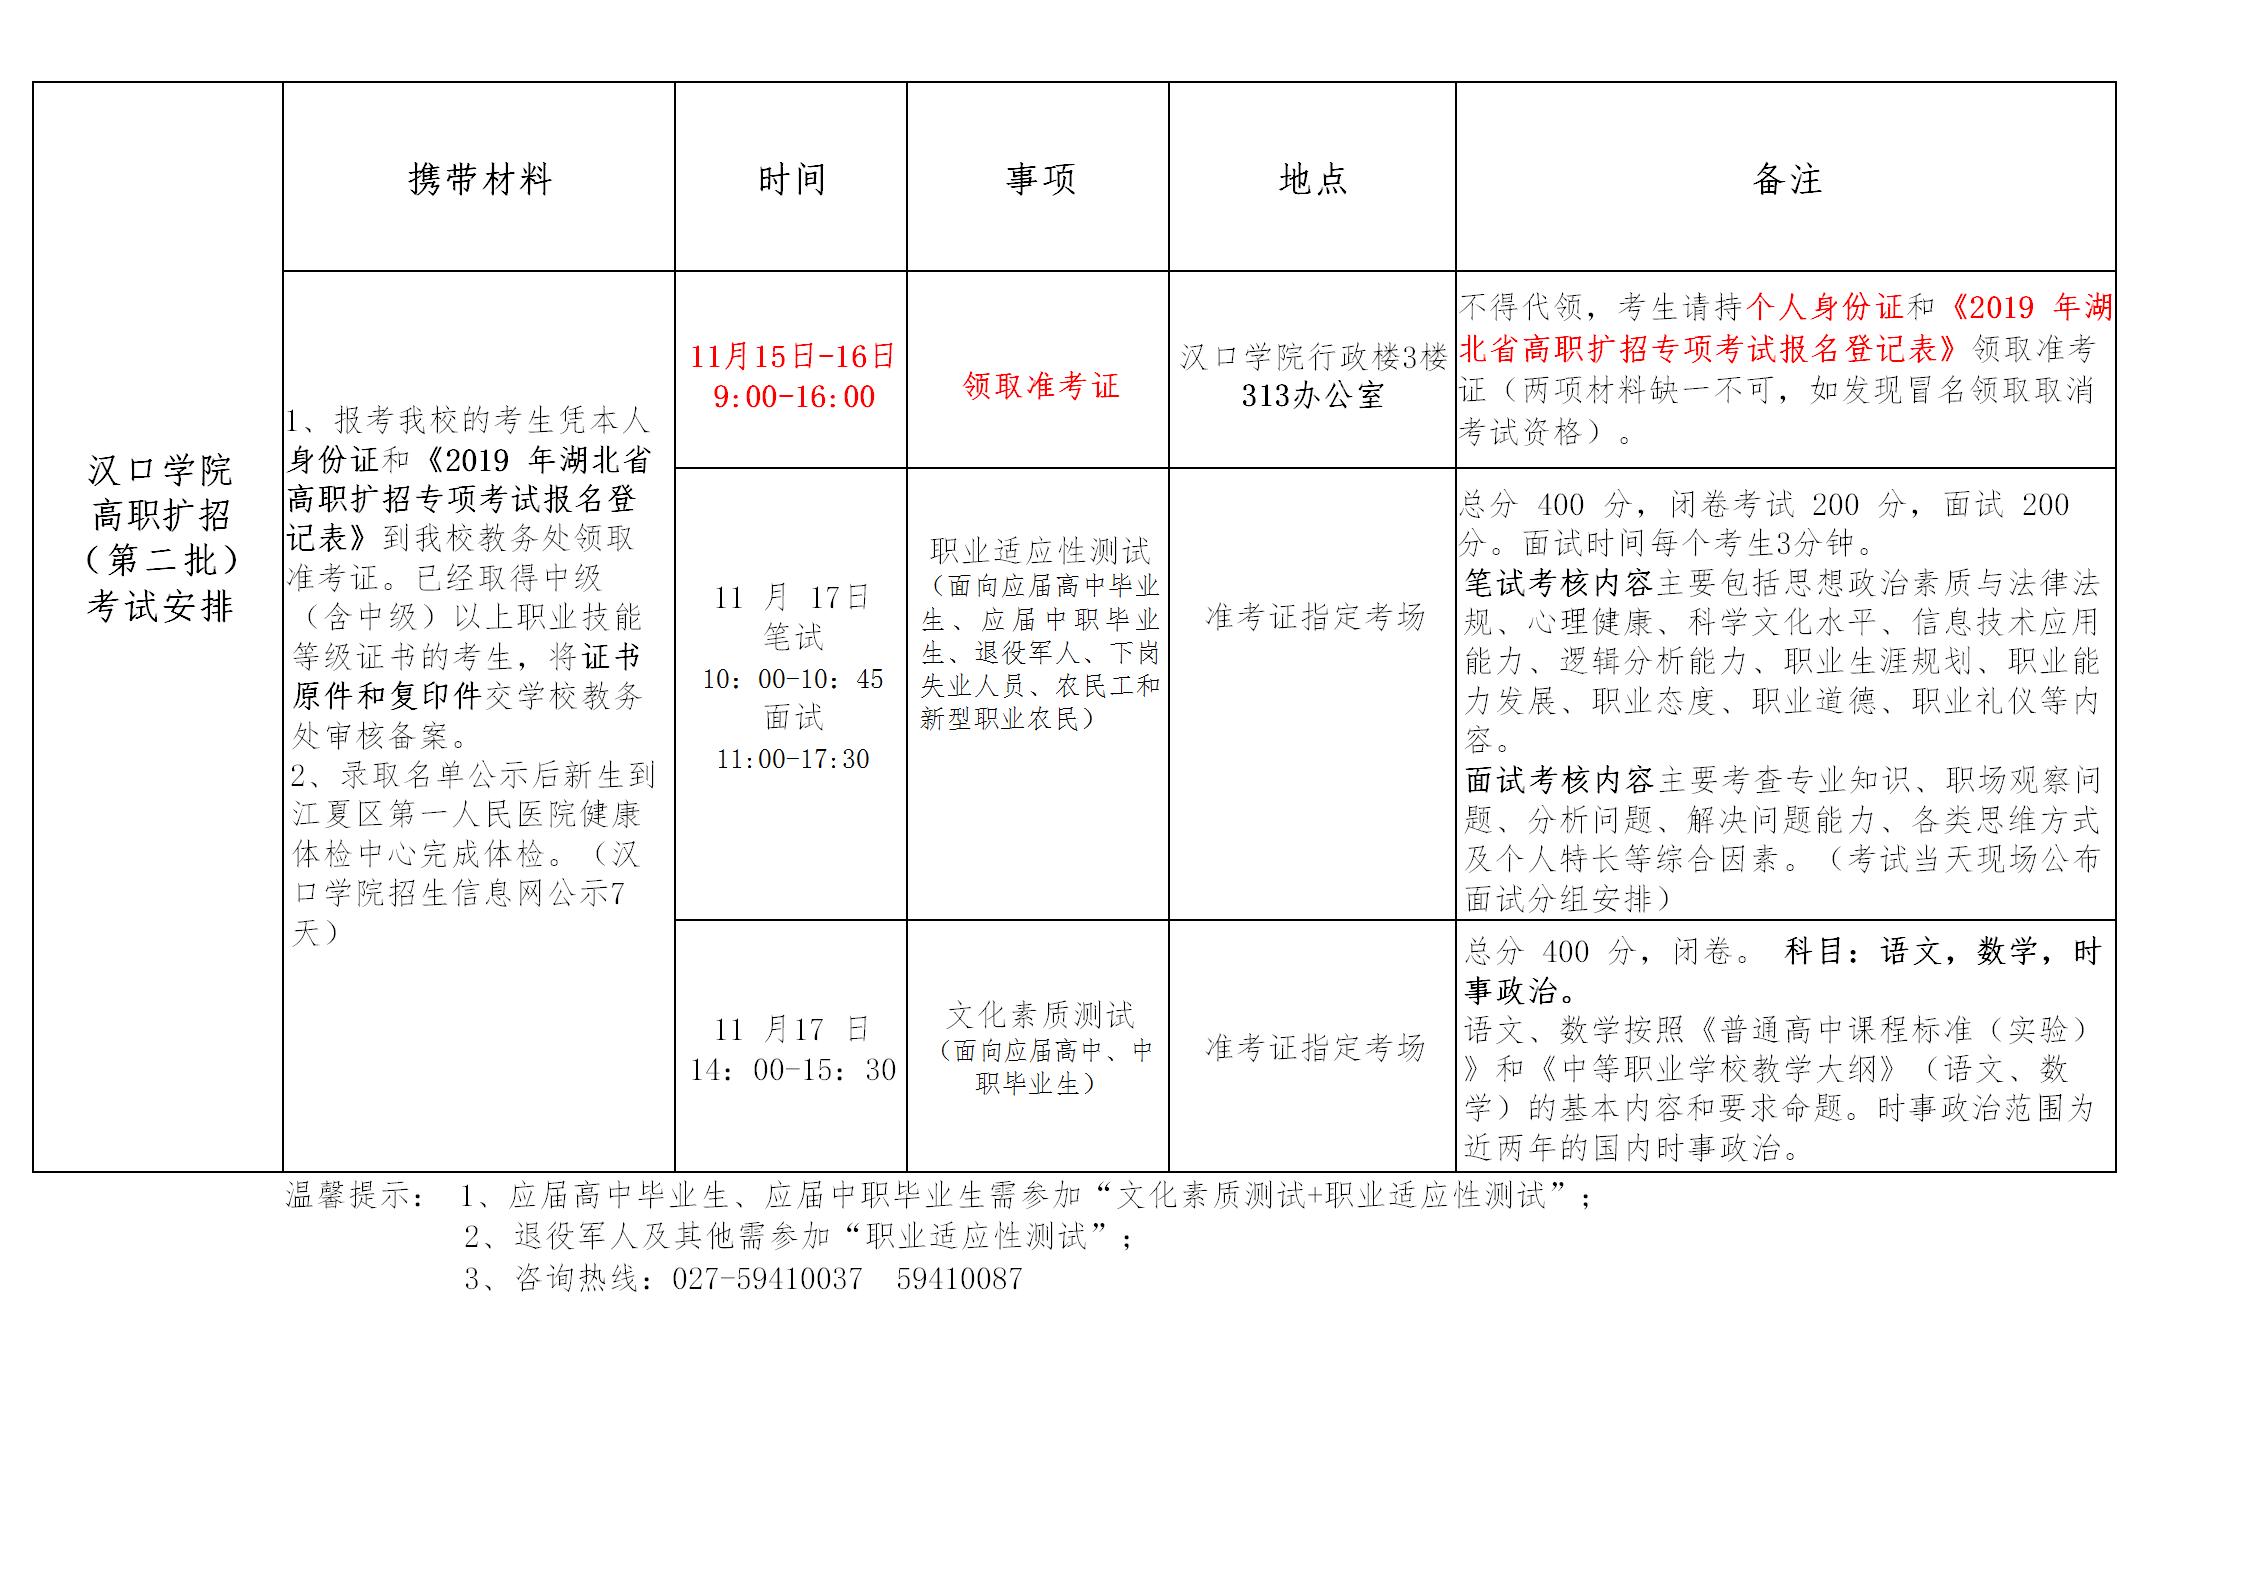 2019年高职扩(第二批)考试安排_01.png